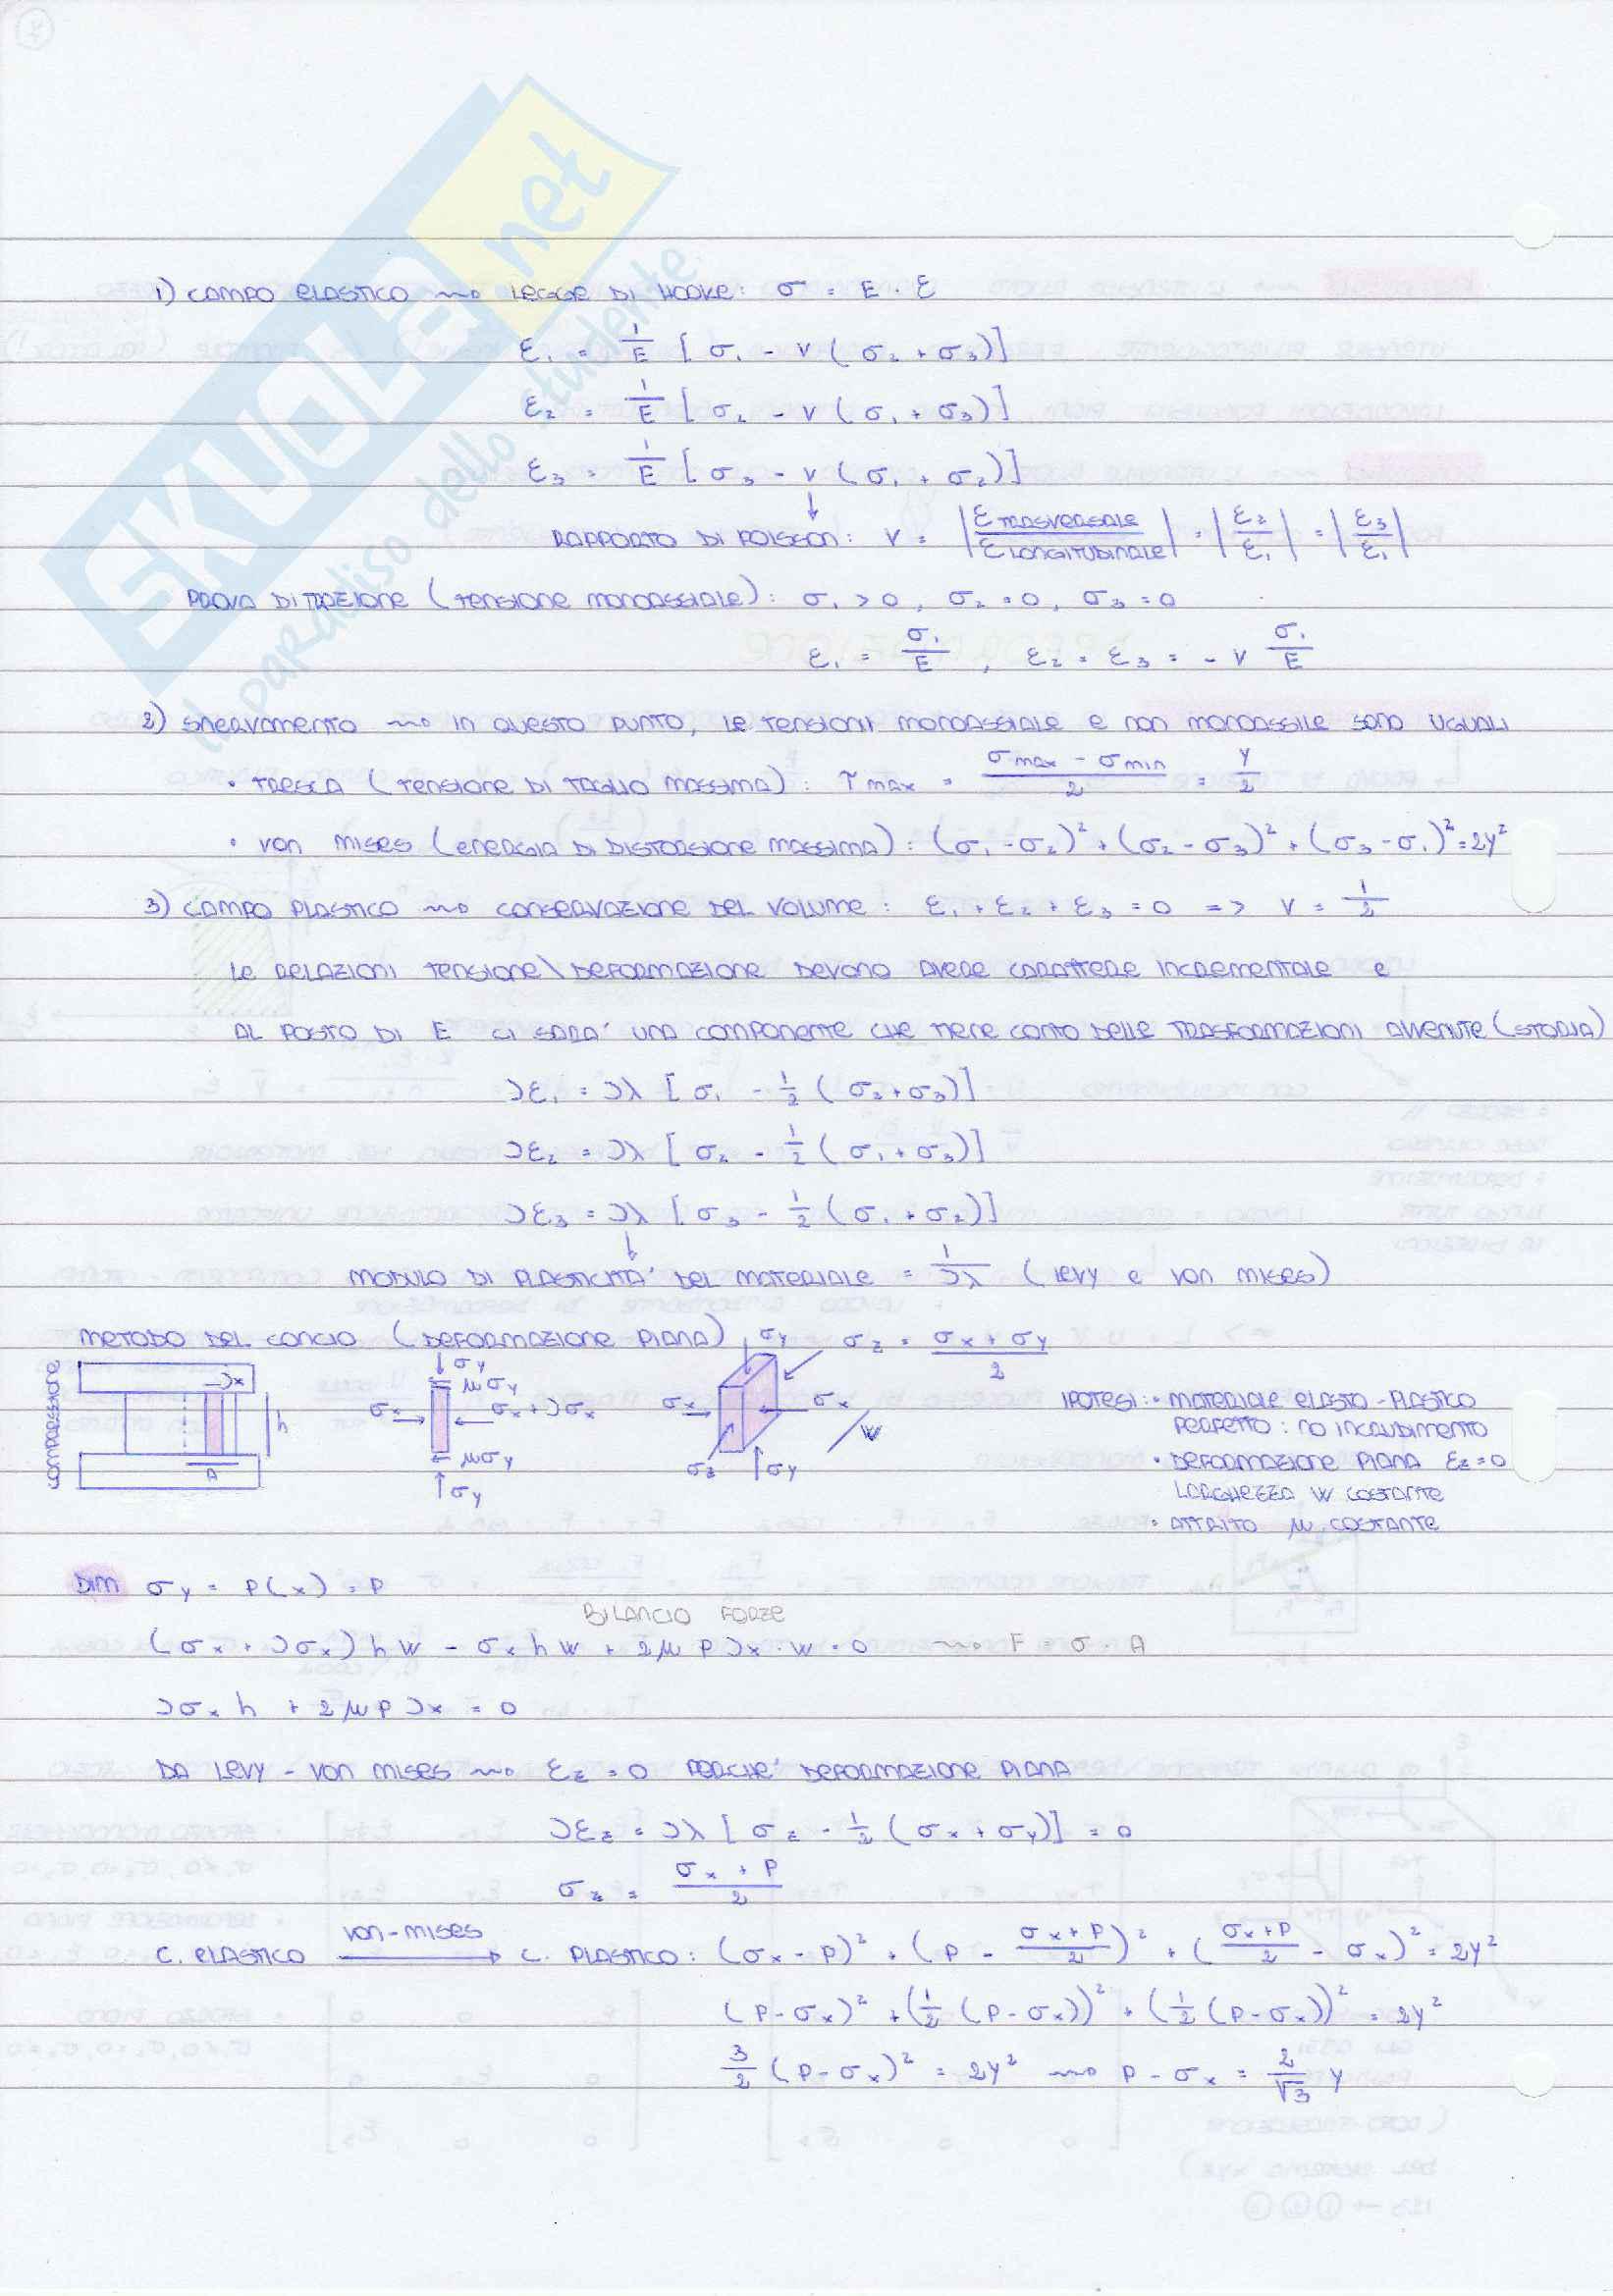 Tecnologia meccanica e qualità (TMQ) Pag. 16